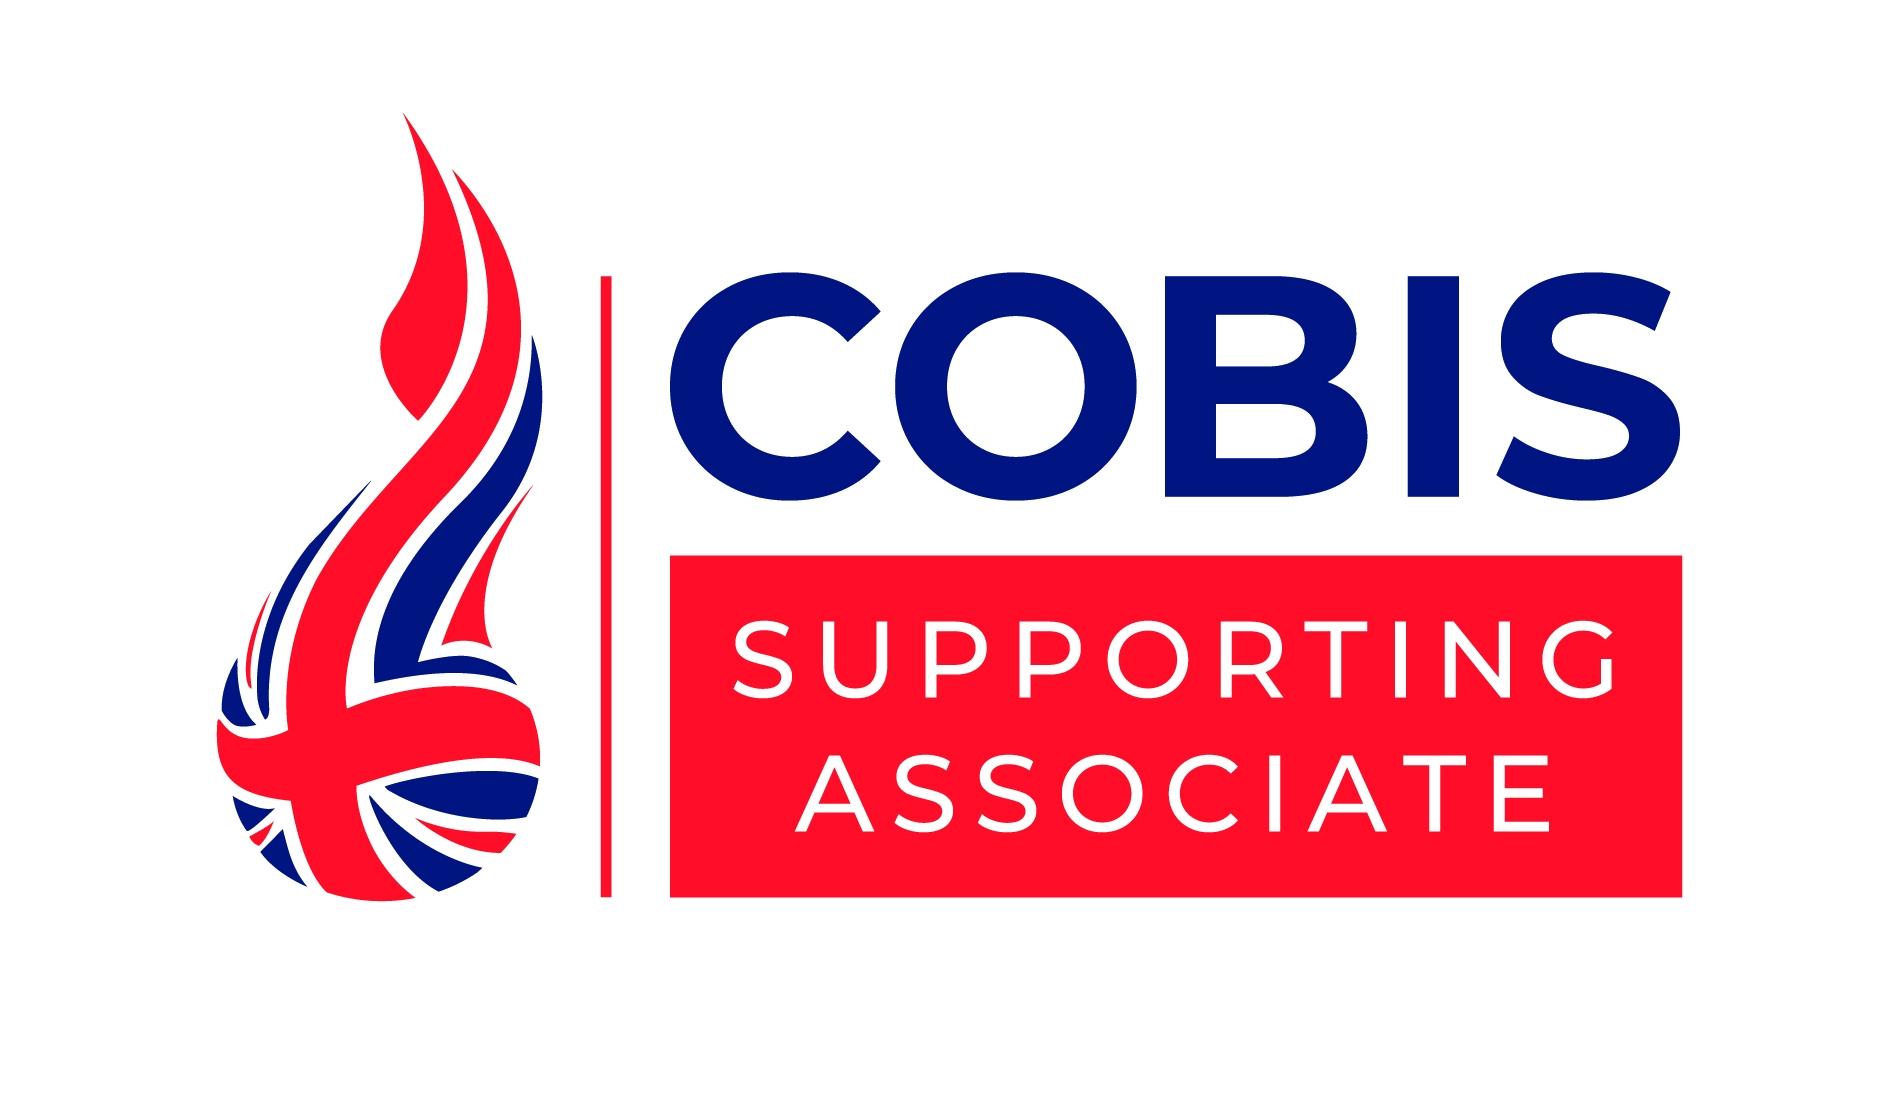 COBIS Supporting Associate CMYK